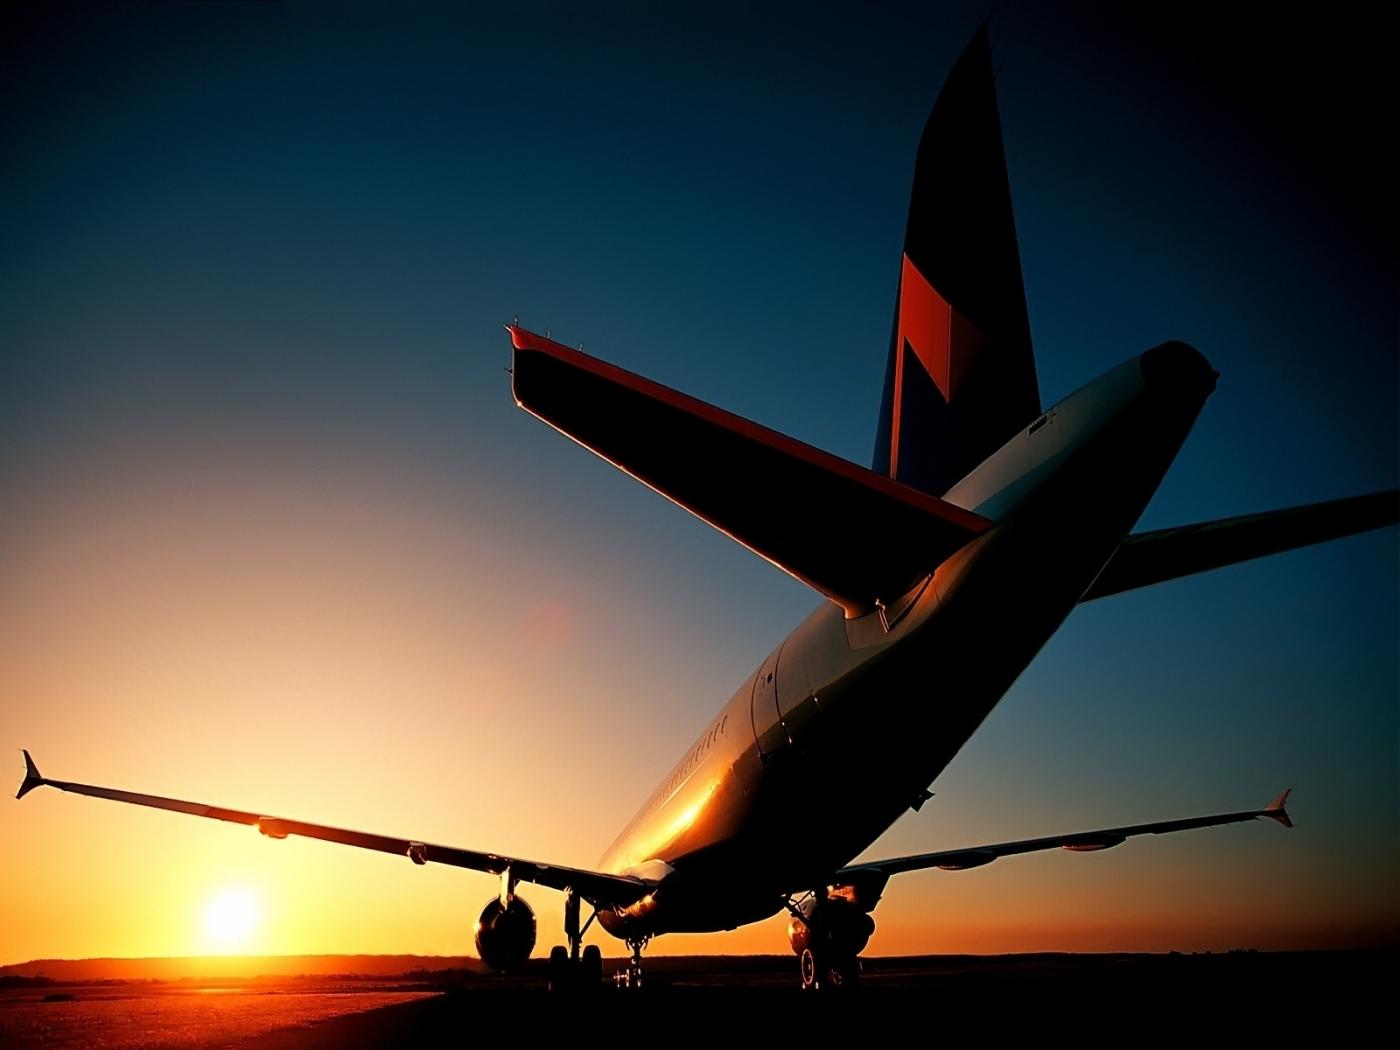 48764 Заставки и Обои Самолеты на телефон. Скачать Самолеты, Транспорт, Пейзаж, Закат картинки бесплатно